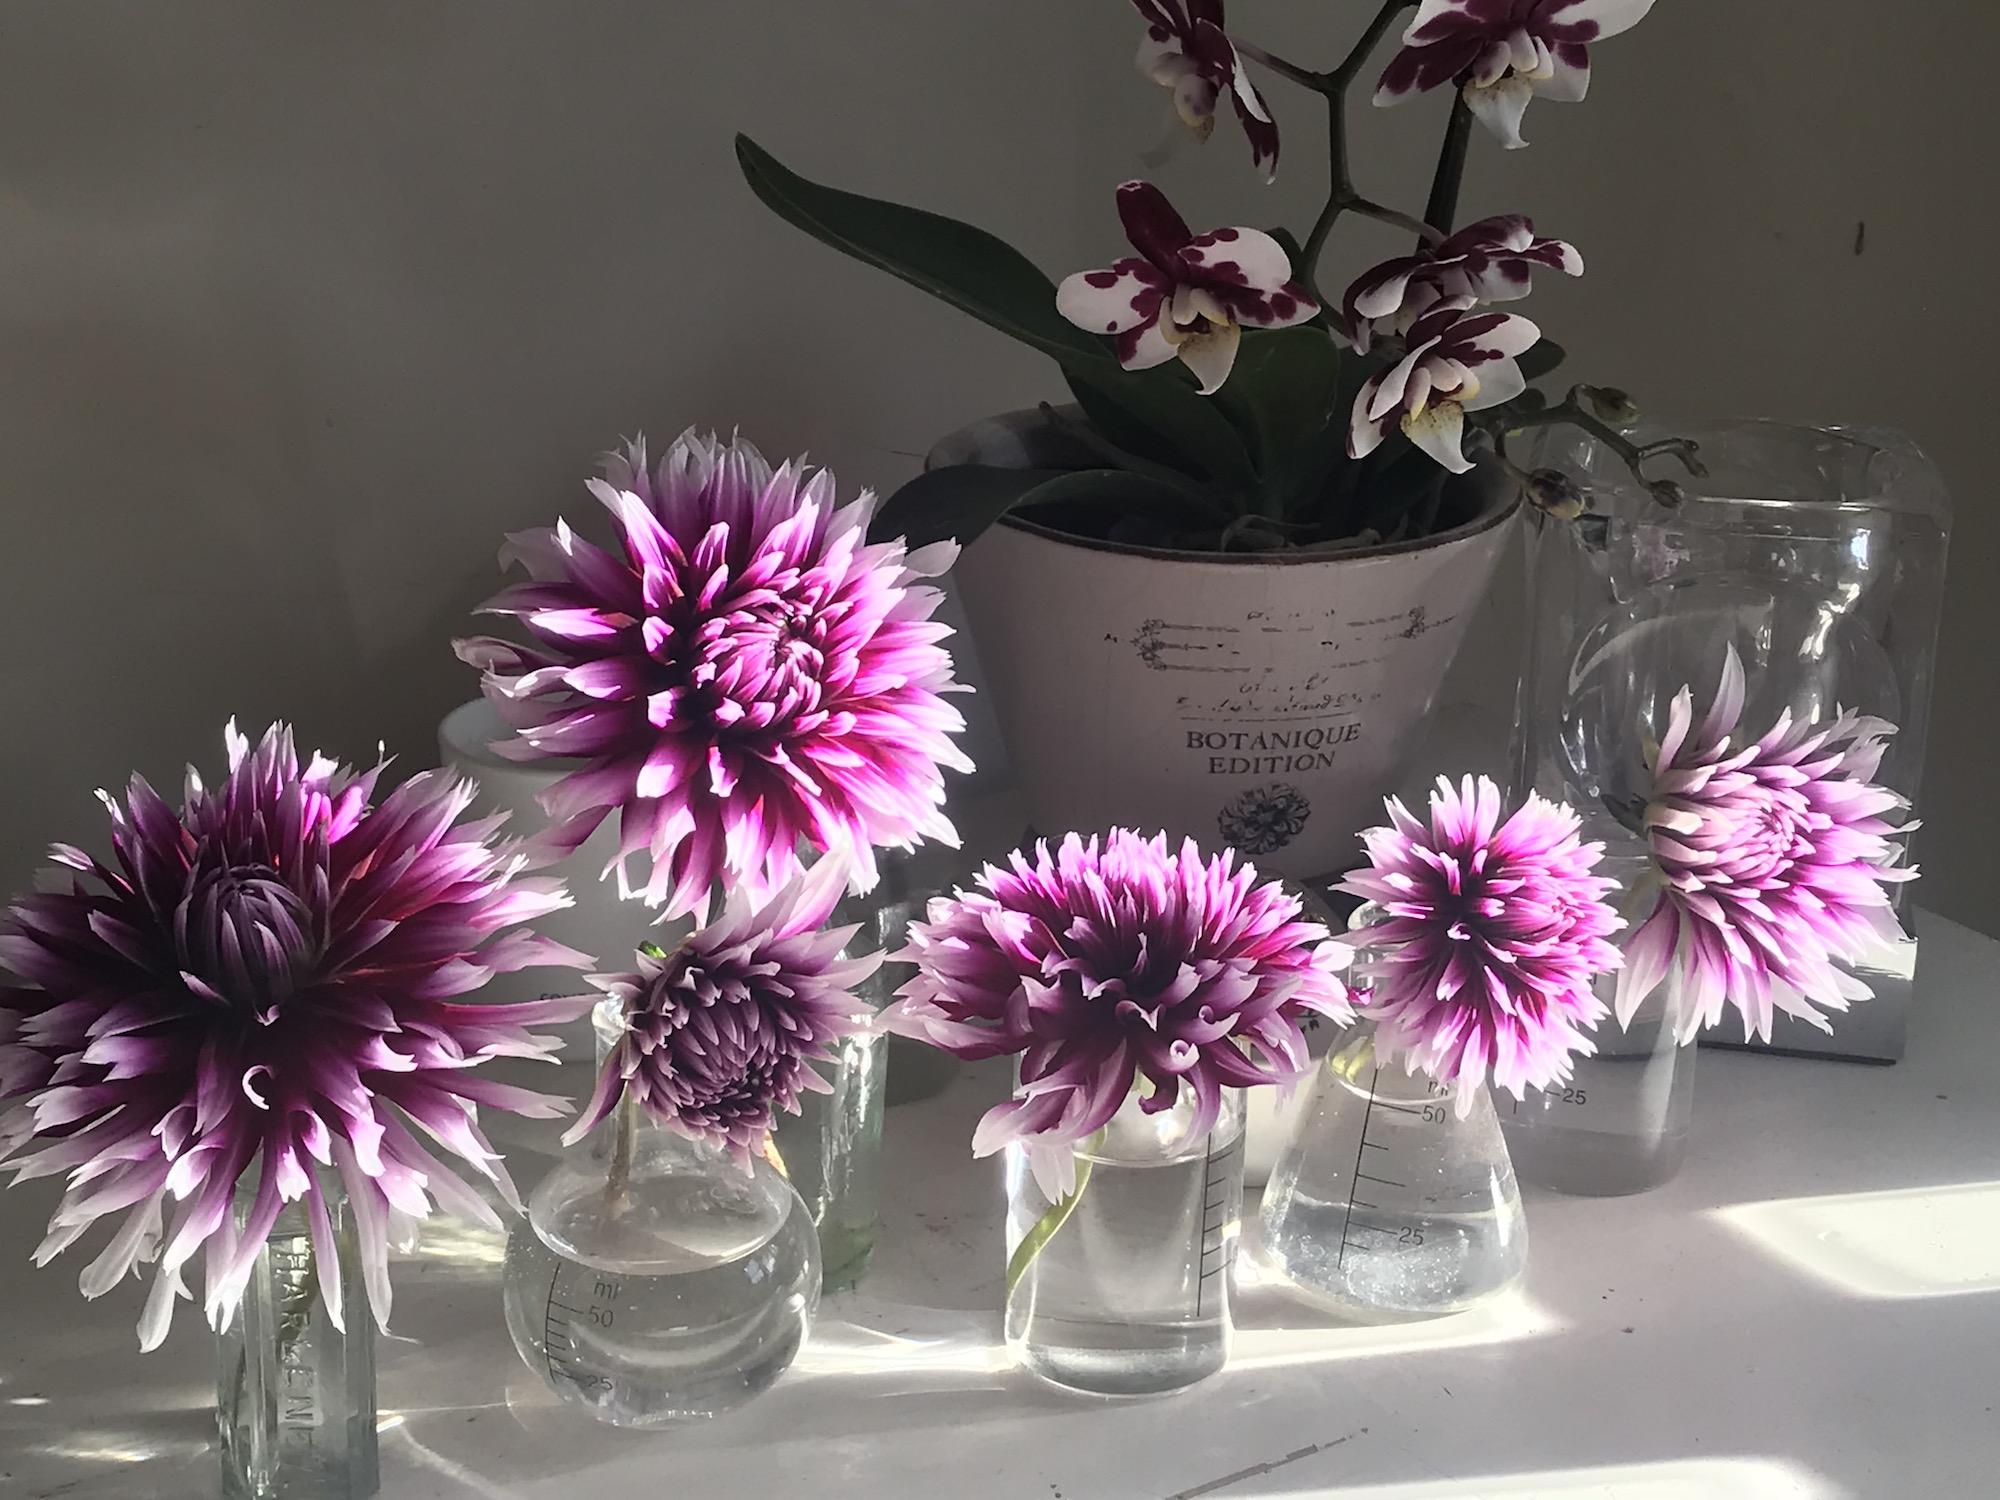 cactus dahlia flower in vases purple and white petals